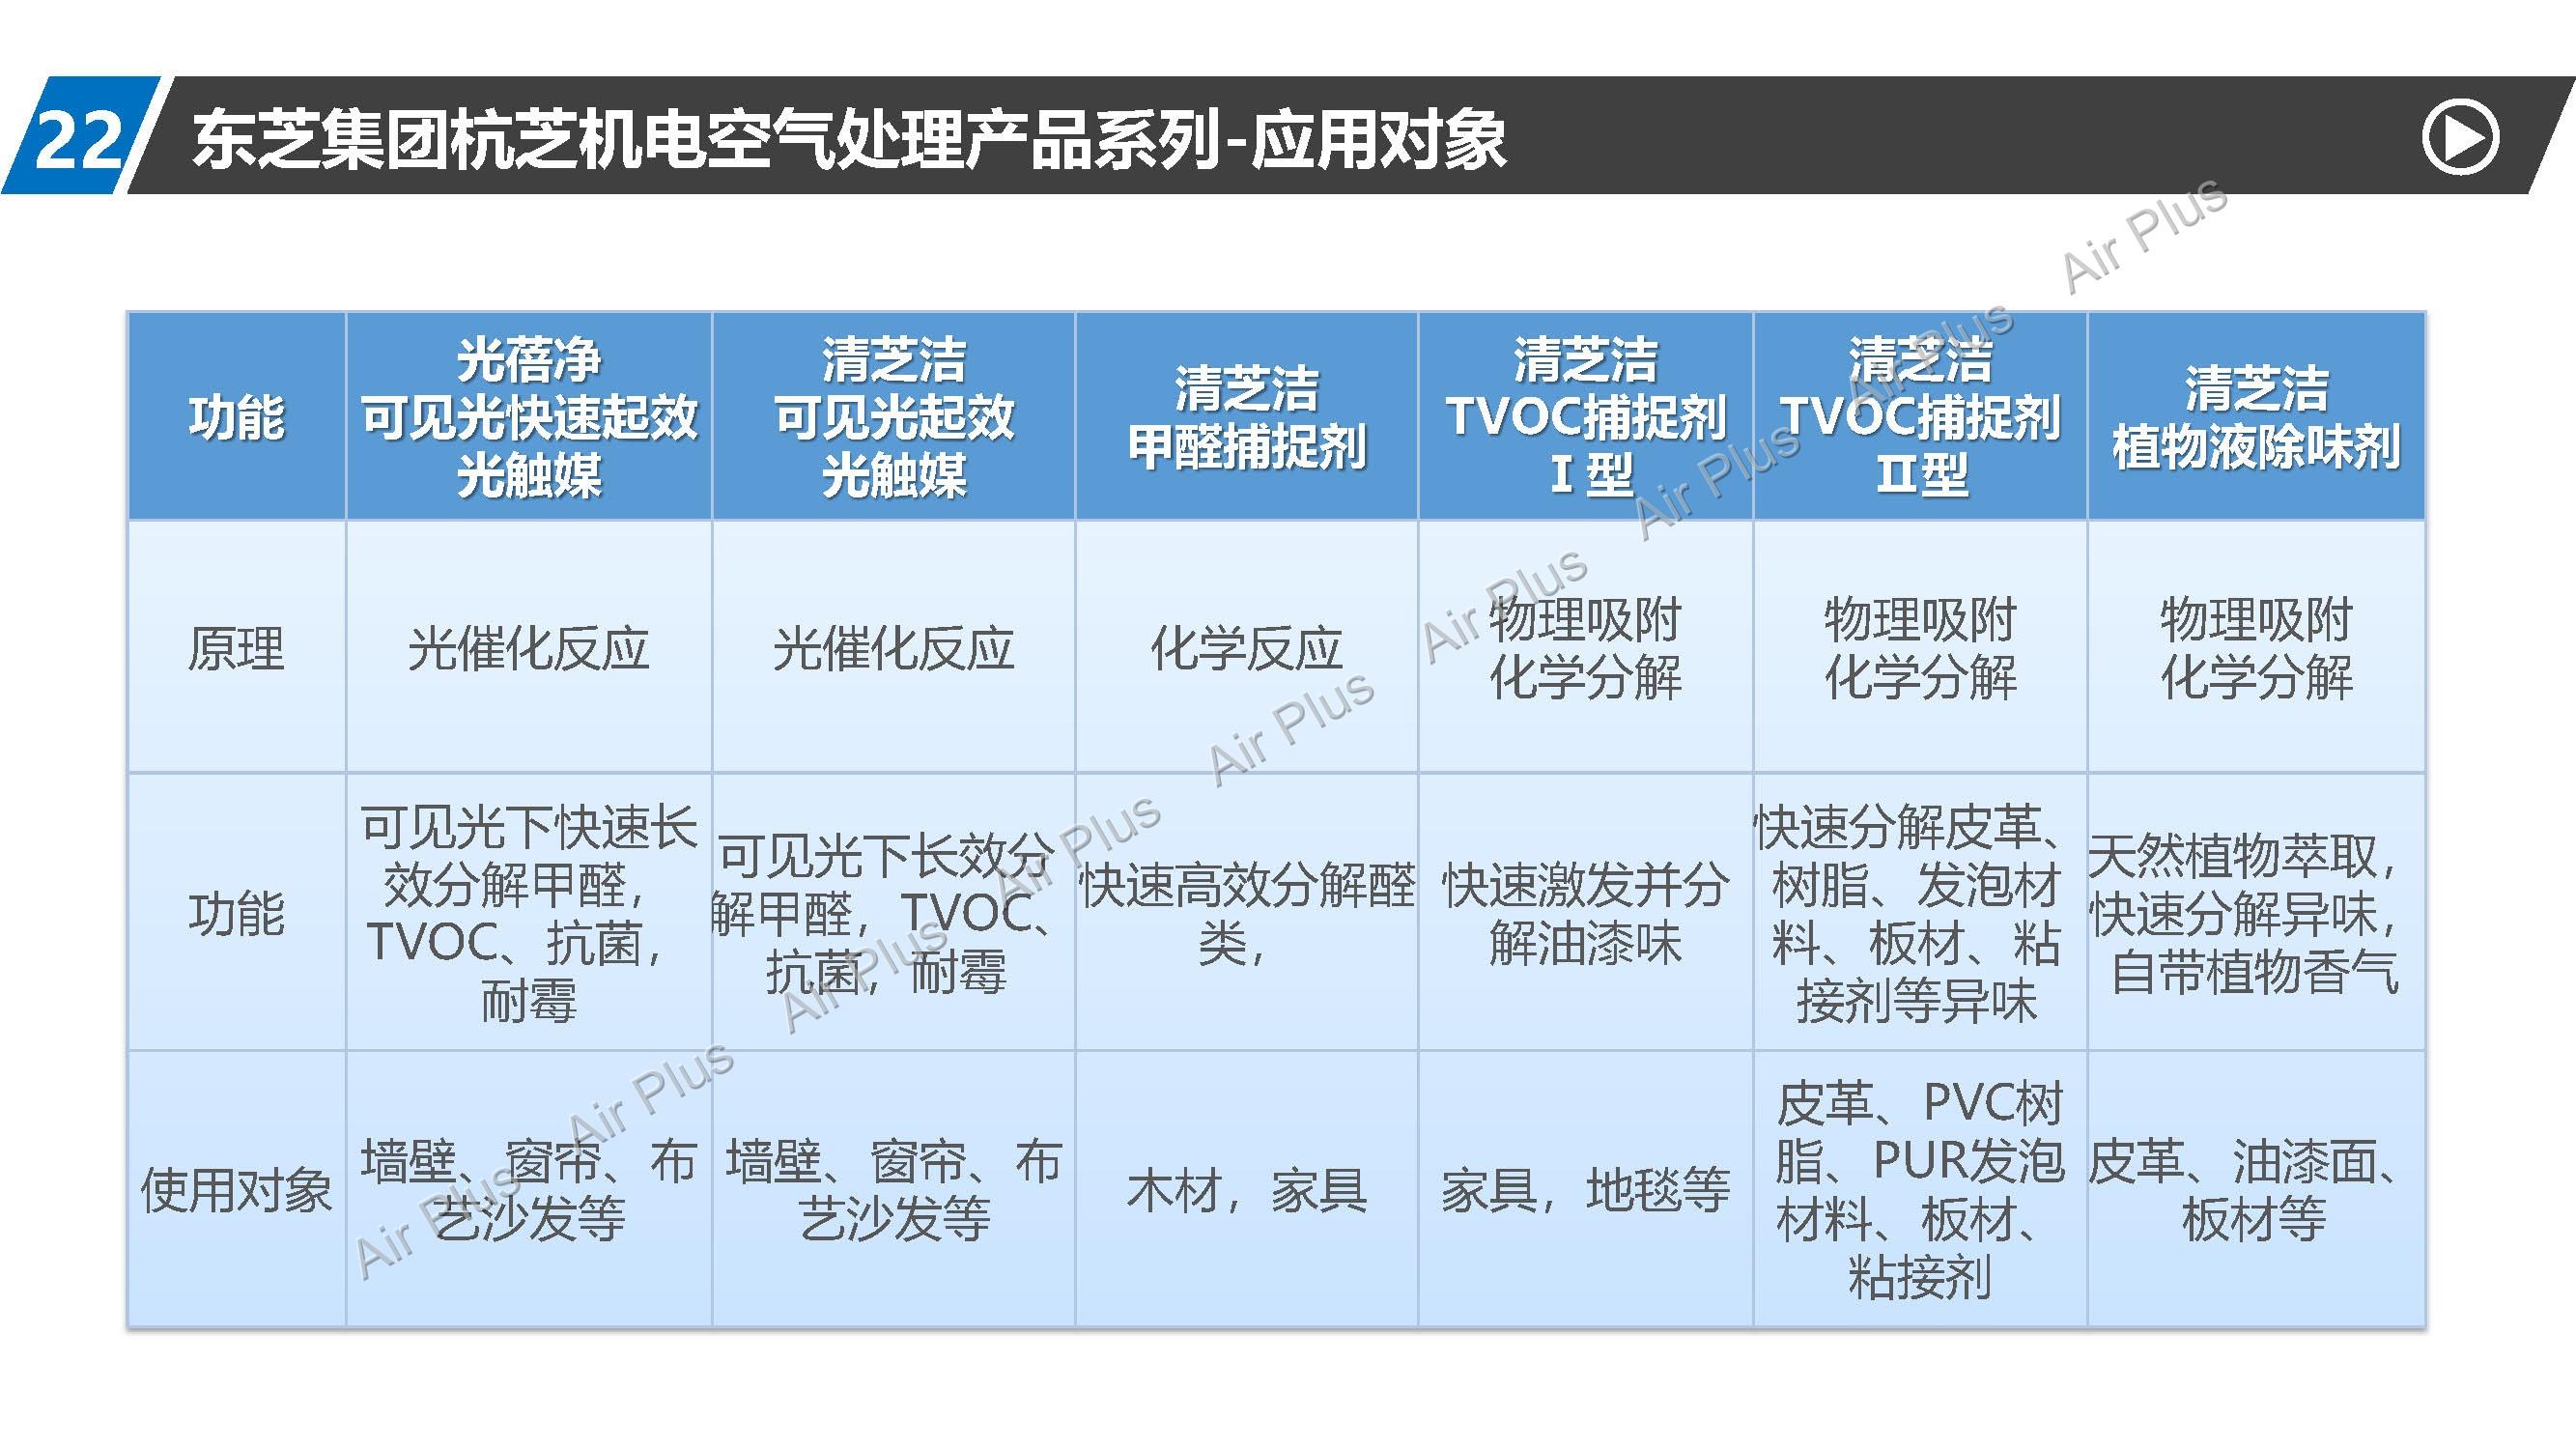 清芝洁空气处理新品介绍简介_页面_19.jpg